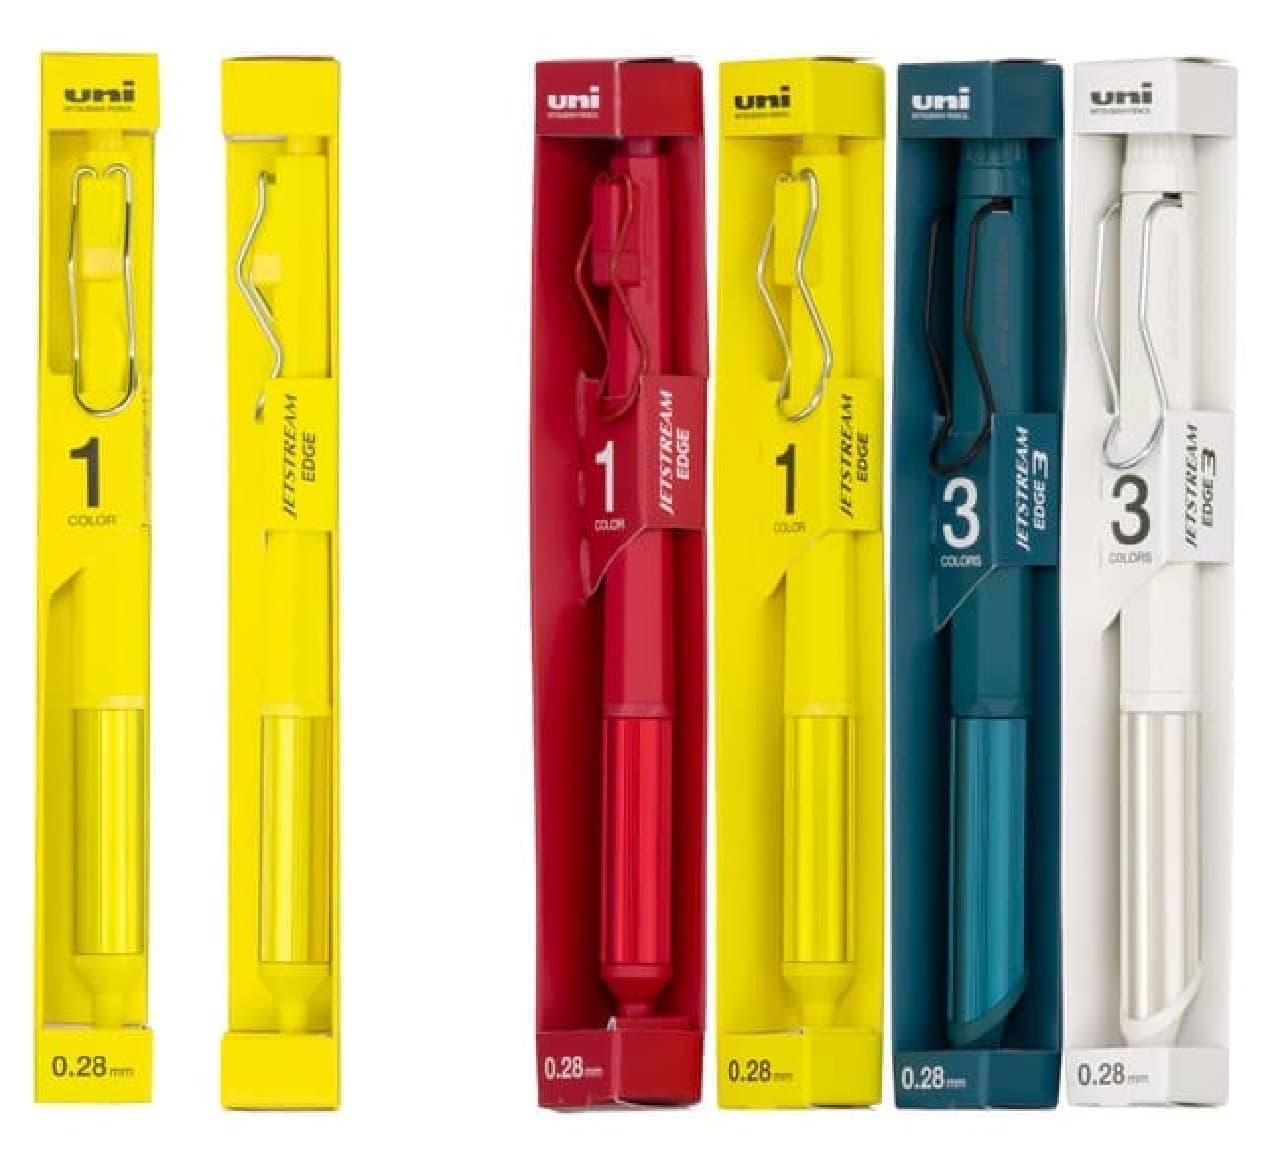 「ジェットストリーム エッジ エキサイトカラー」発売 -- デザイン性ある極細ボールペン